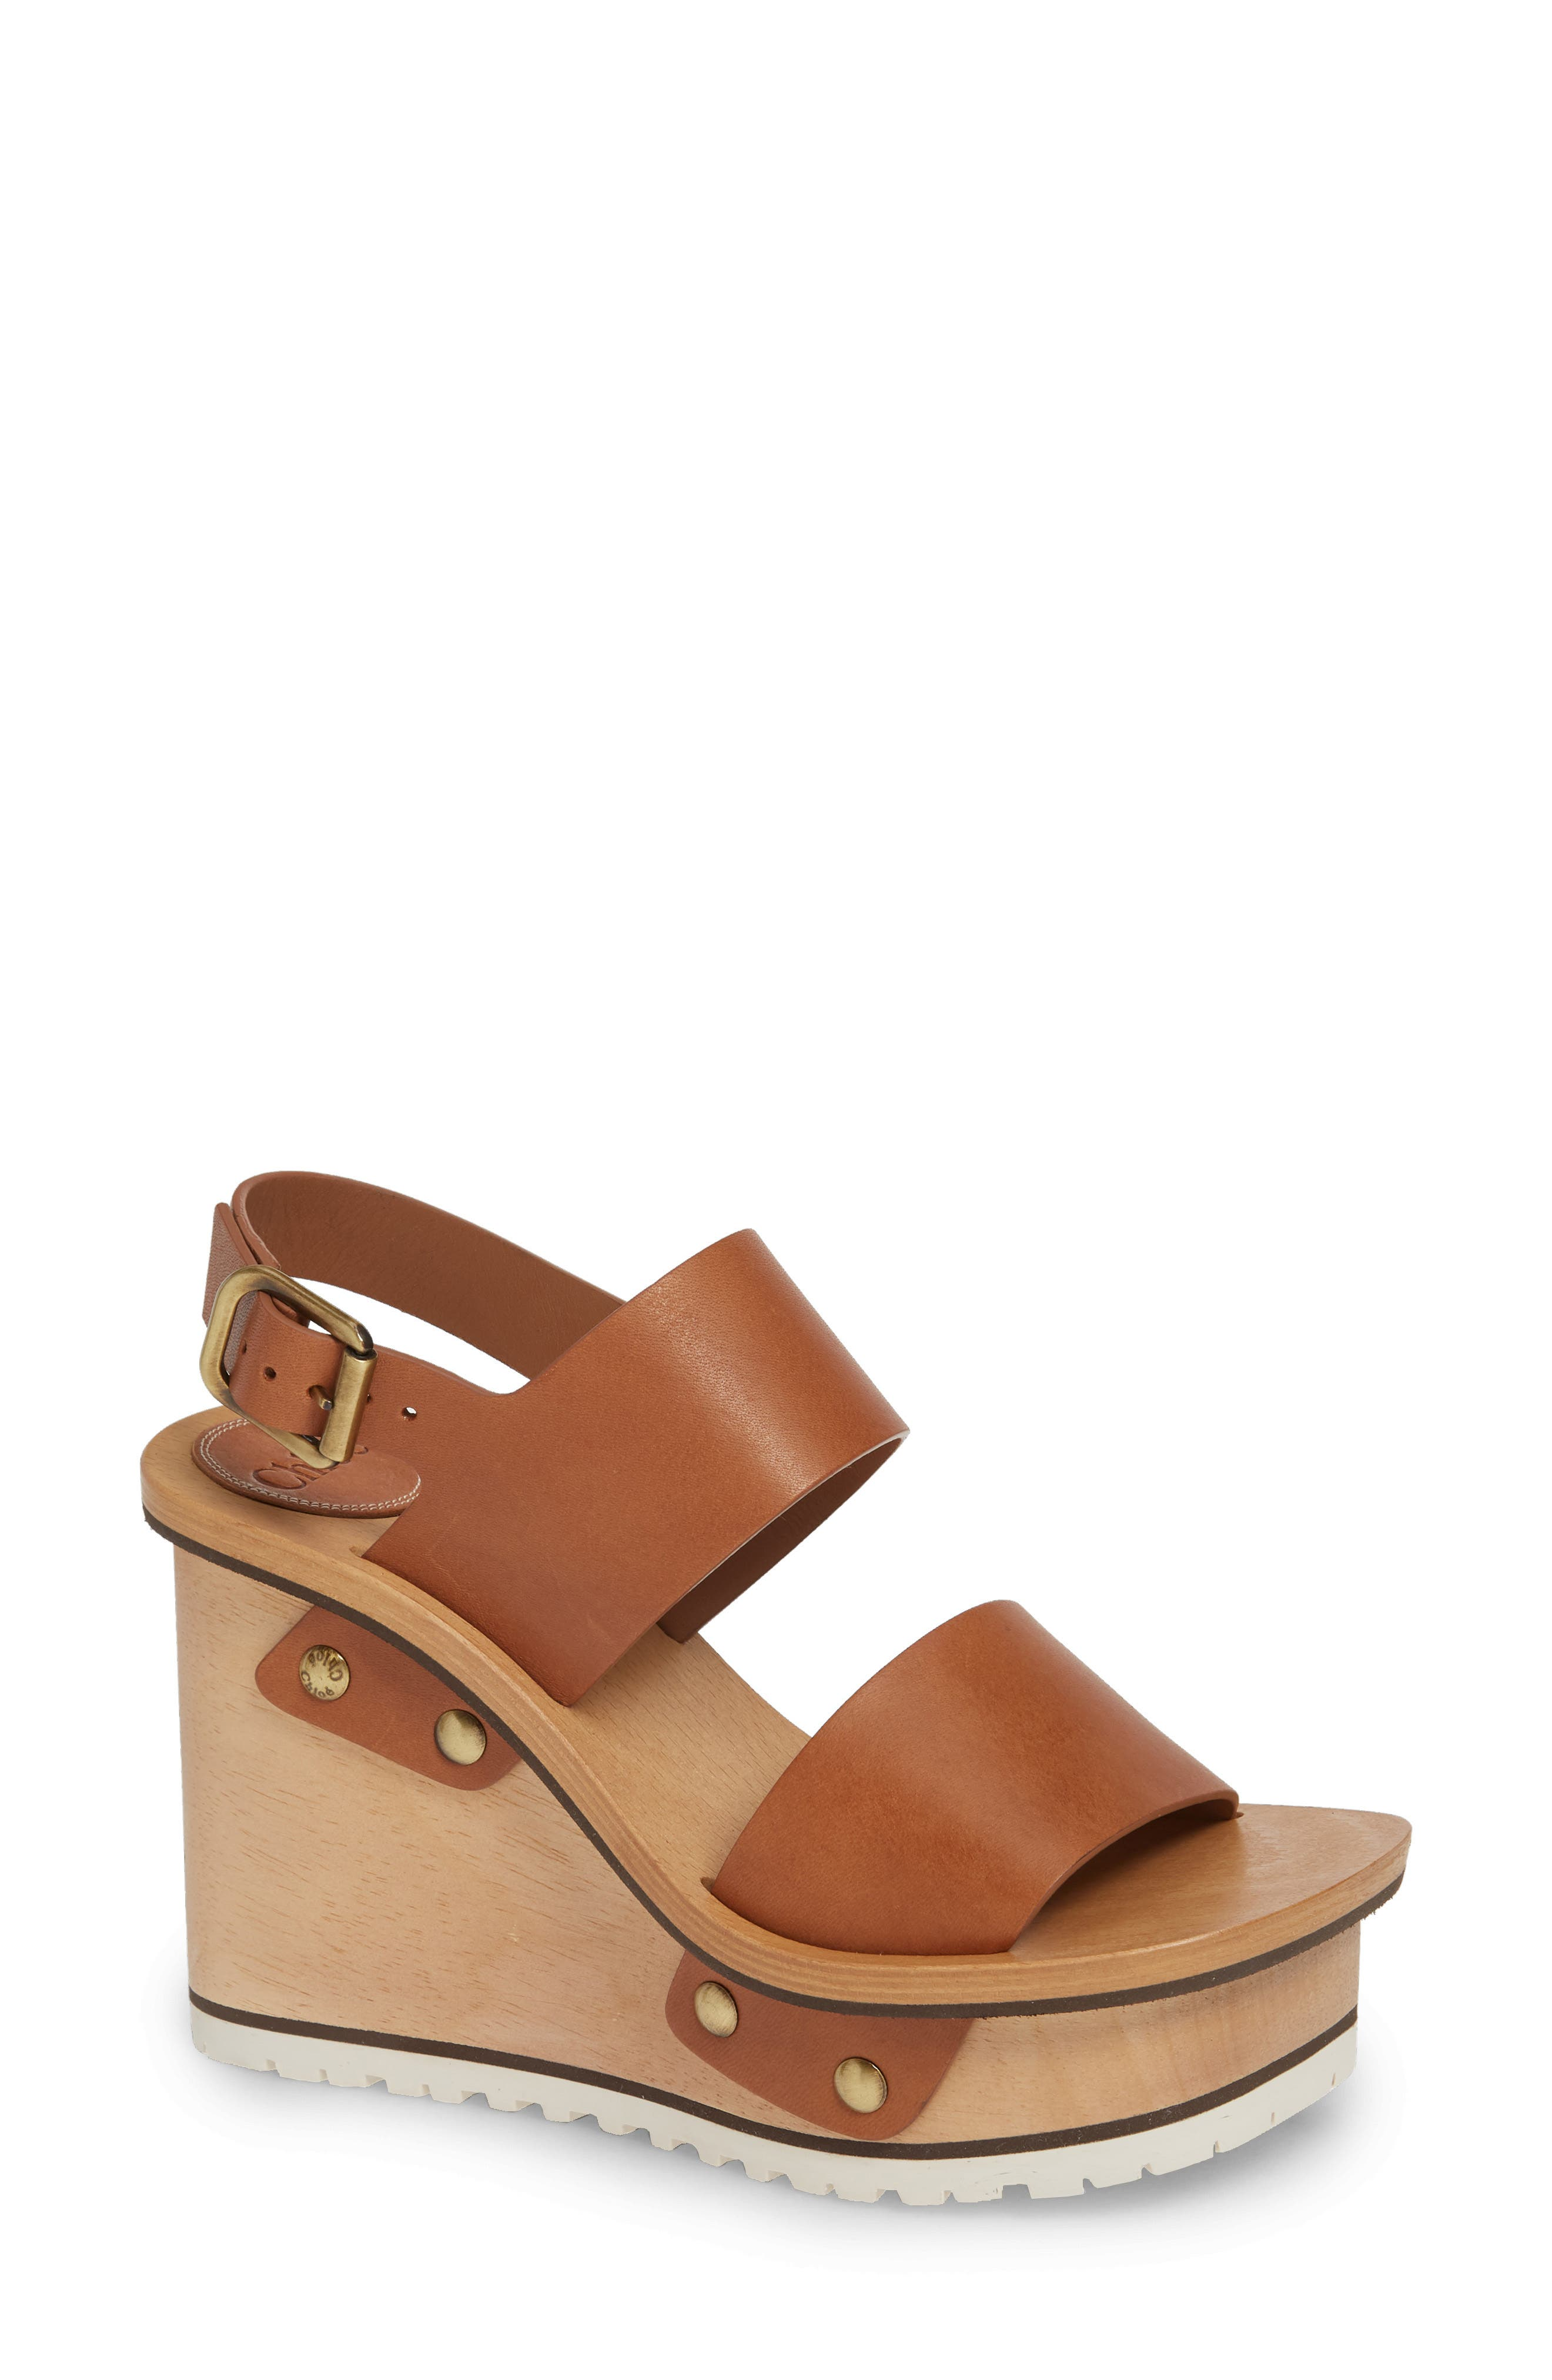 Chloe Valentine Platform Wedge Sandal, Brown